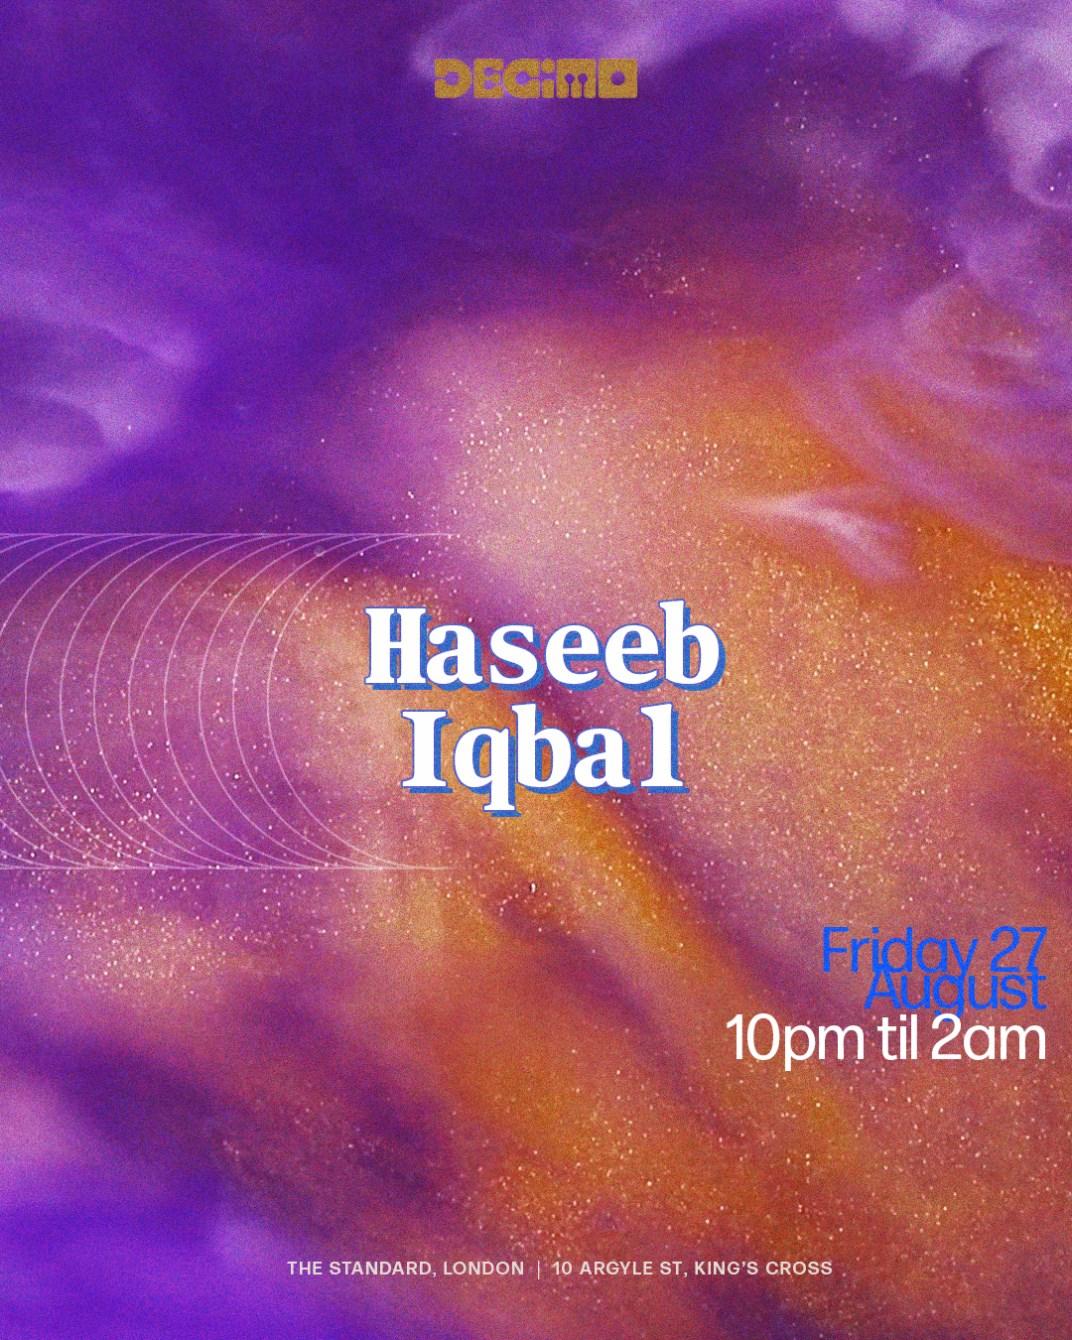 Decimo: Haseeb Iqbal - Flyer front